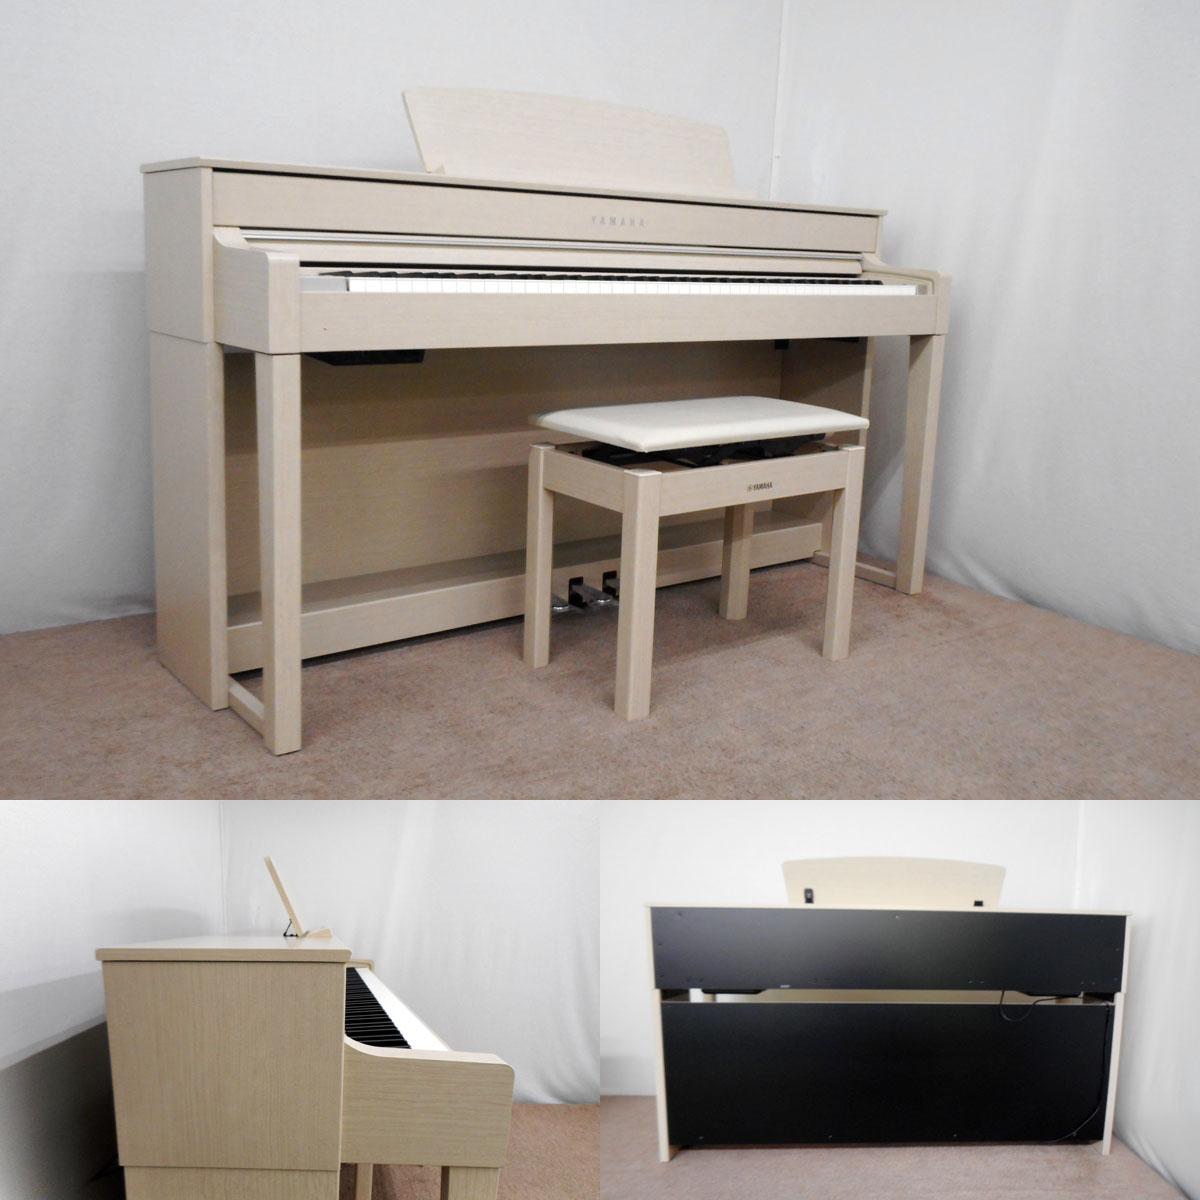 【112539】【送料込】【中古】 ヤマハ 2014年 電子ピアノ CLP-545WA クラビノーバ